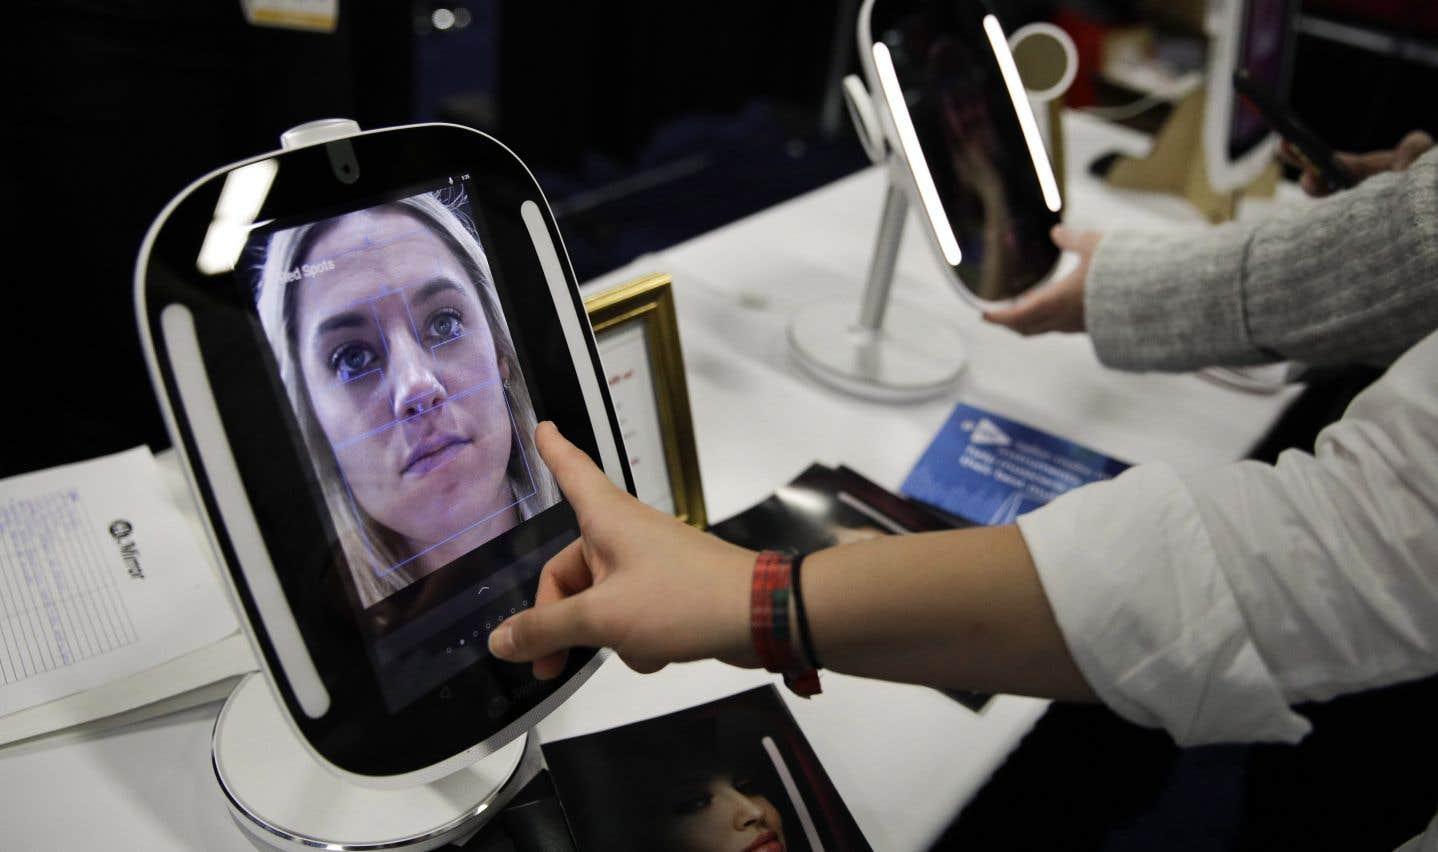 Le HiMirror Mini est un miroir intelligent branché à Internet et utilisant l'assistant vocal Alexa d'Amazon.